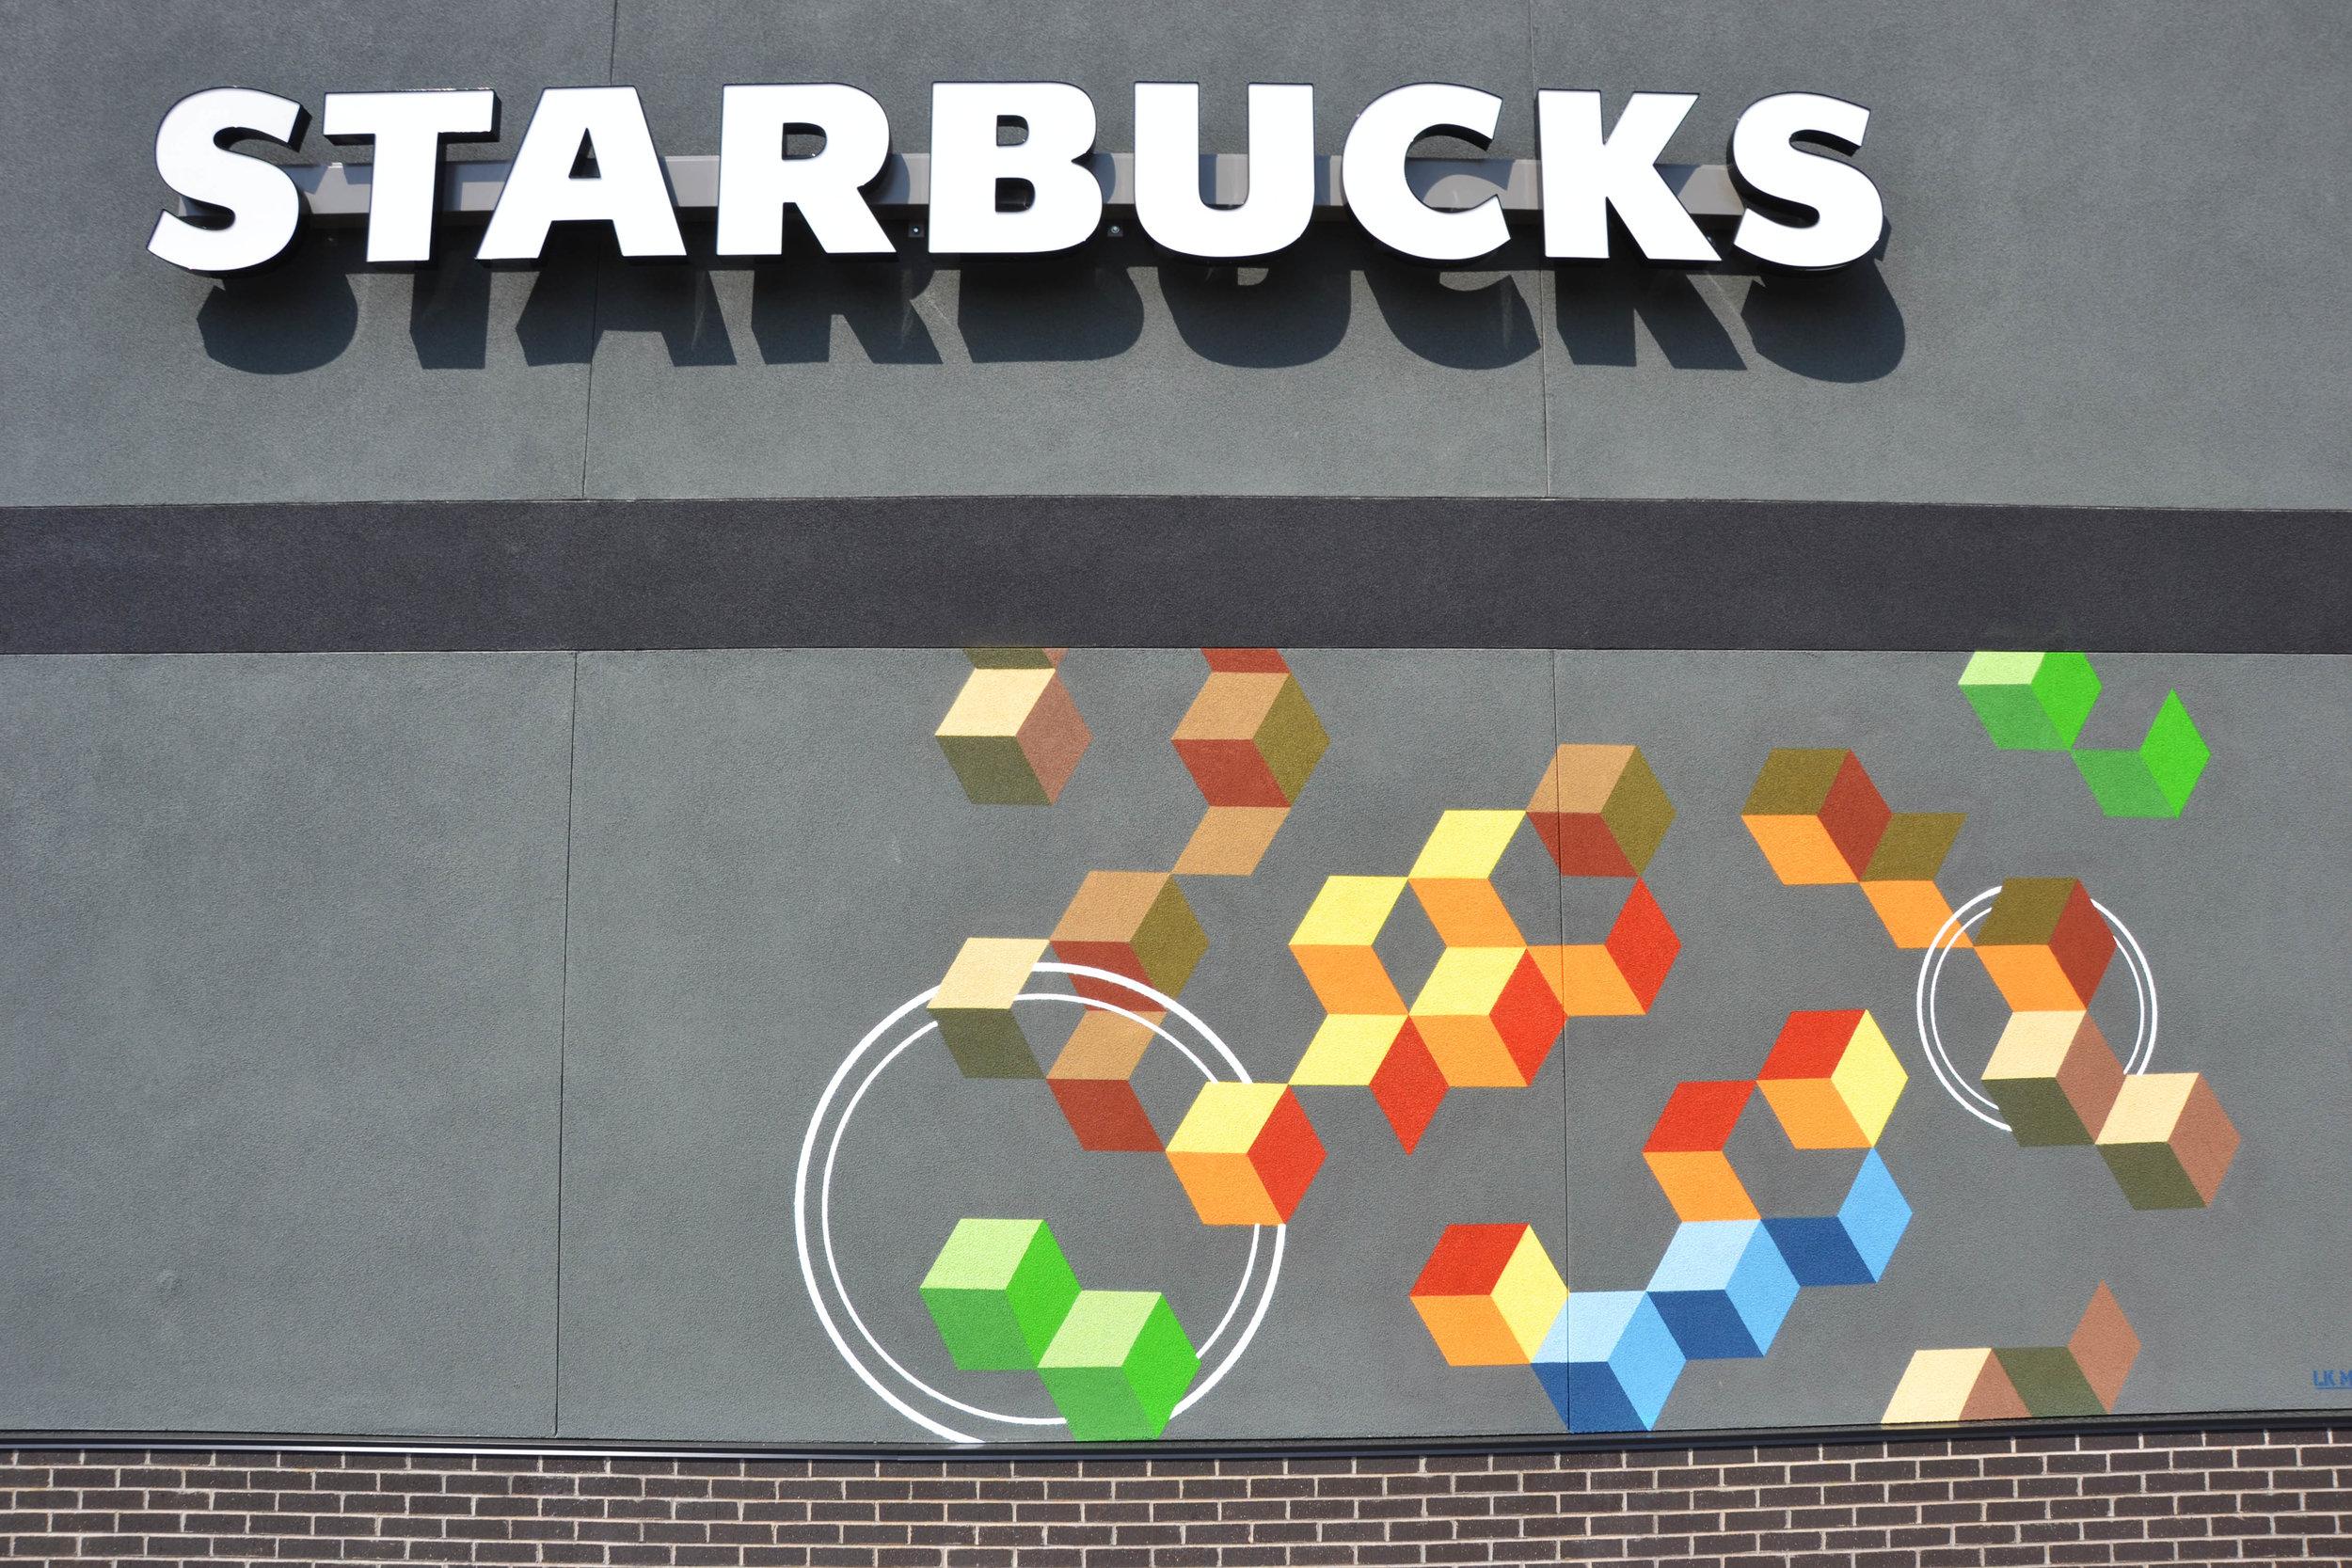 Verdad Project - Starbucks - Denver CO - BTS 3.jpg